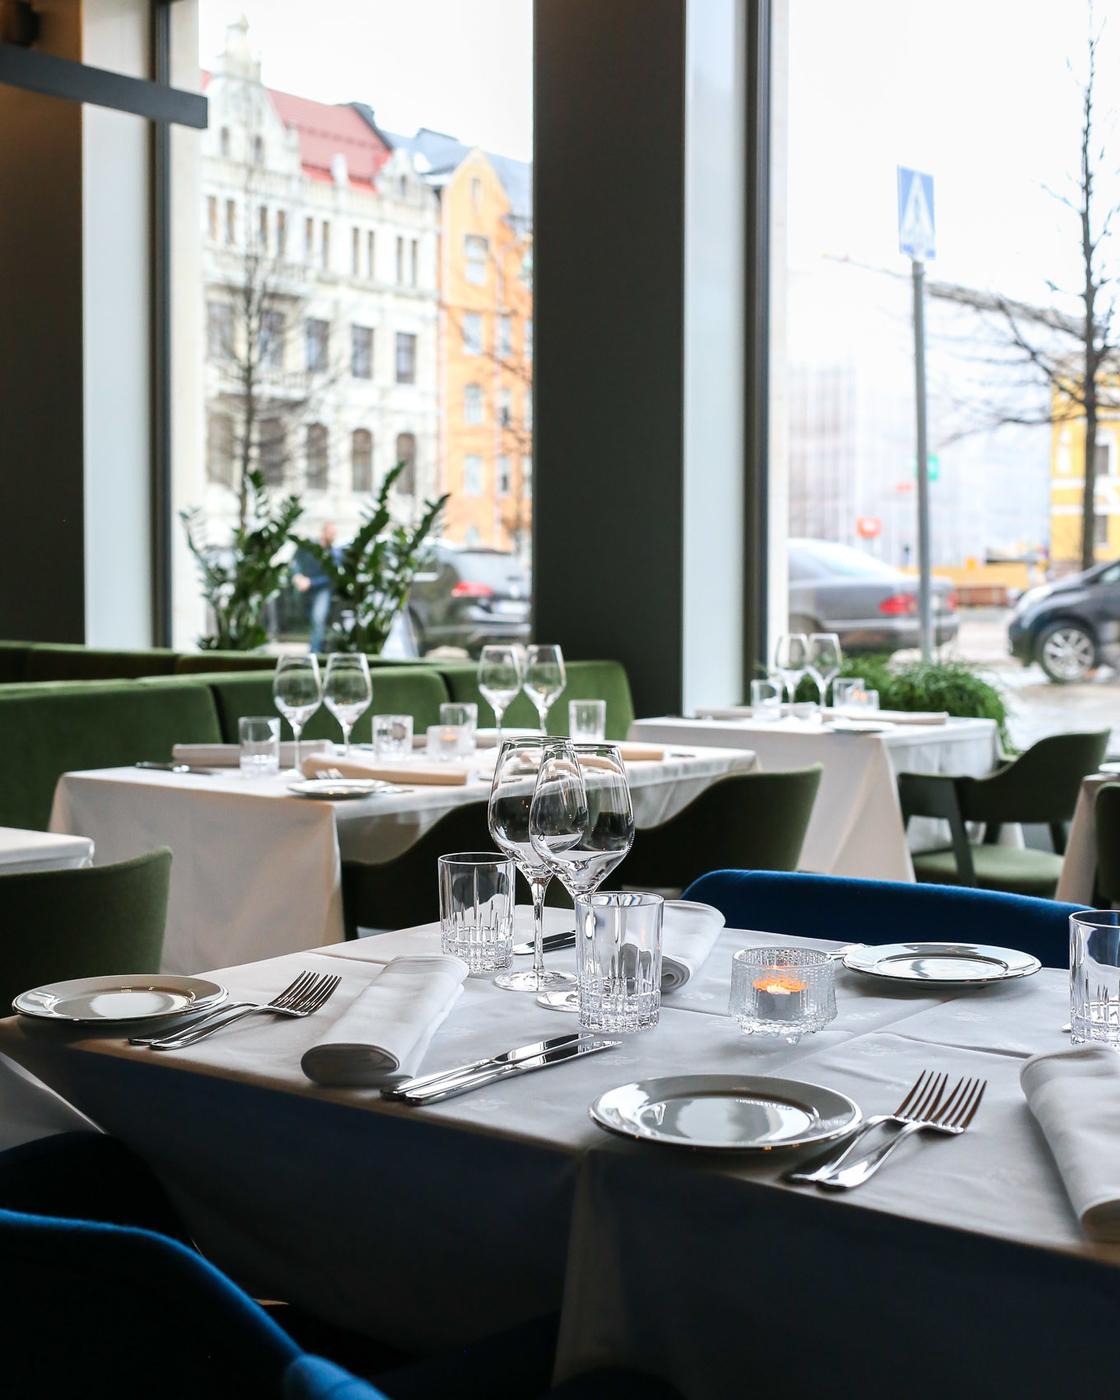 Lounas kaupungilla: Ravintola Latva ja astetta parempi lounas